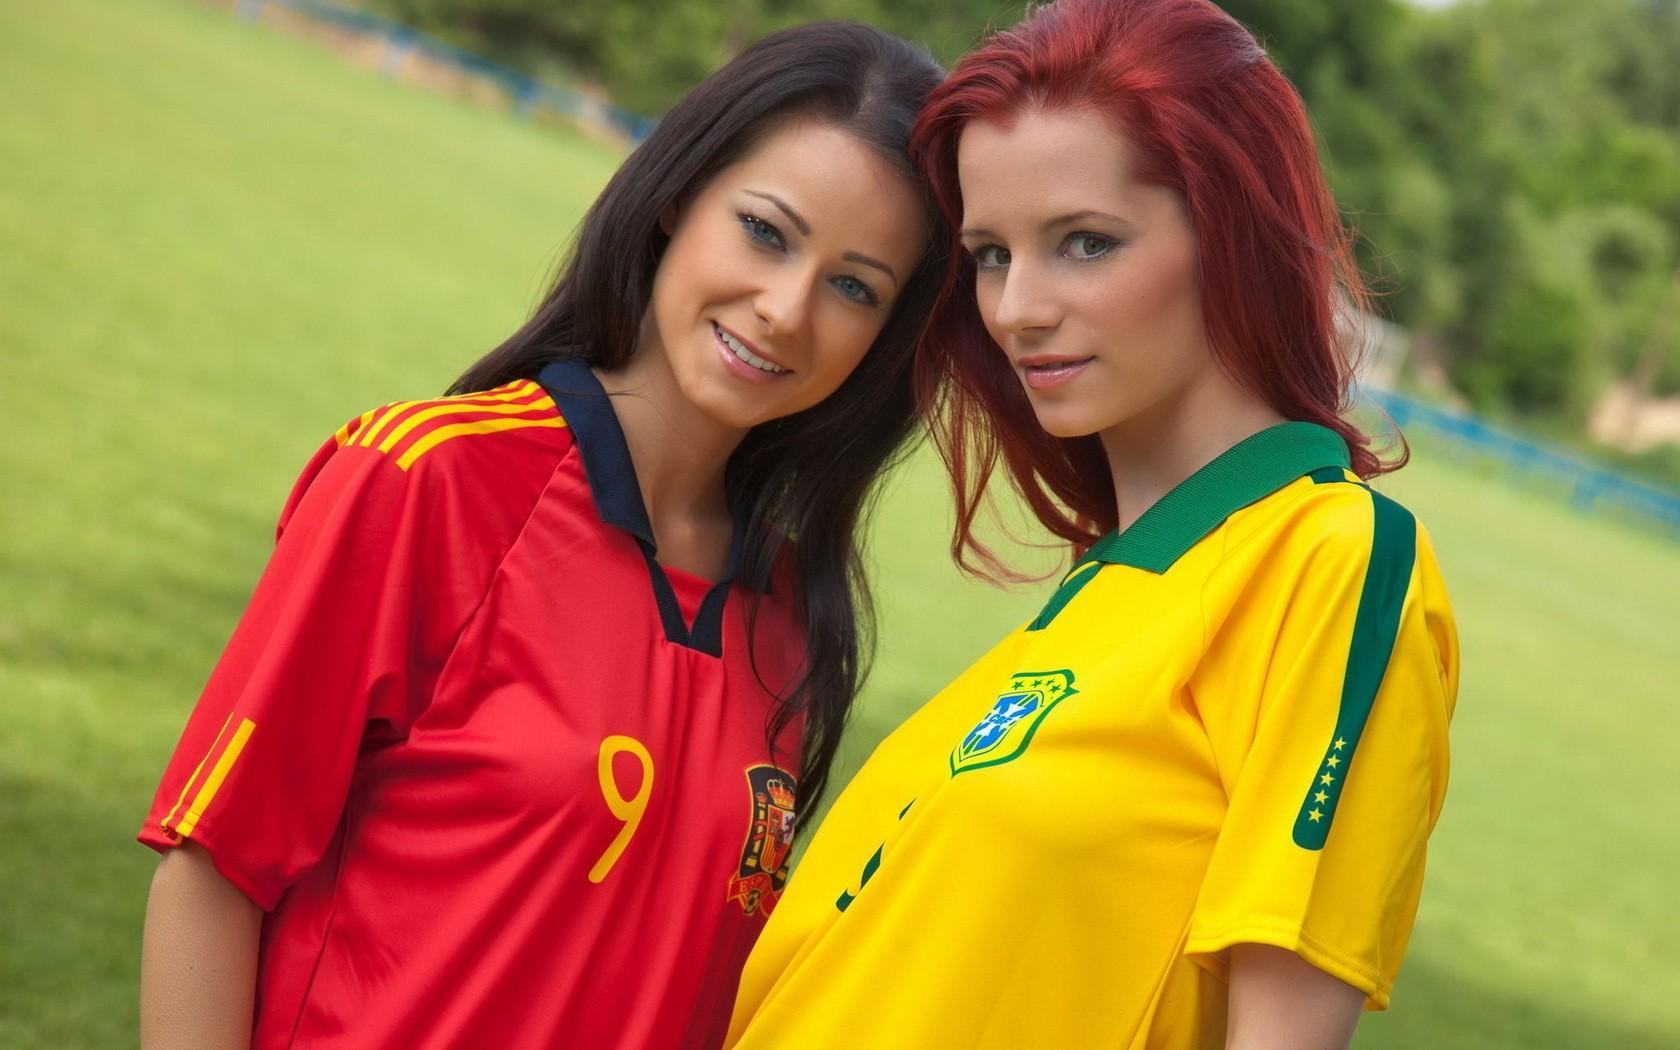 Chicas con camisetas de futbol - 1680x1050